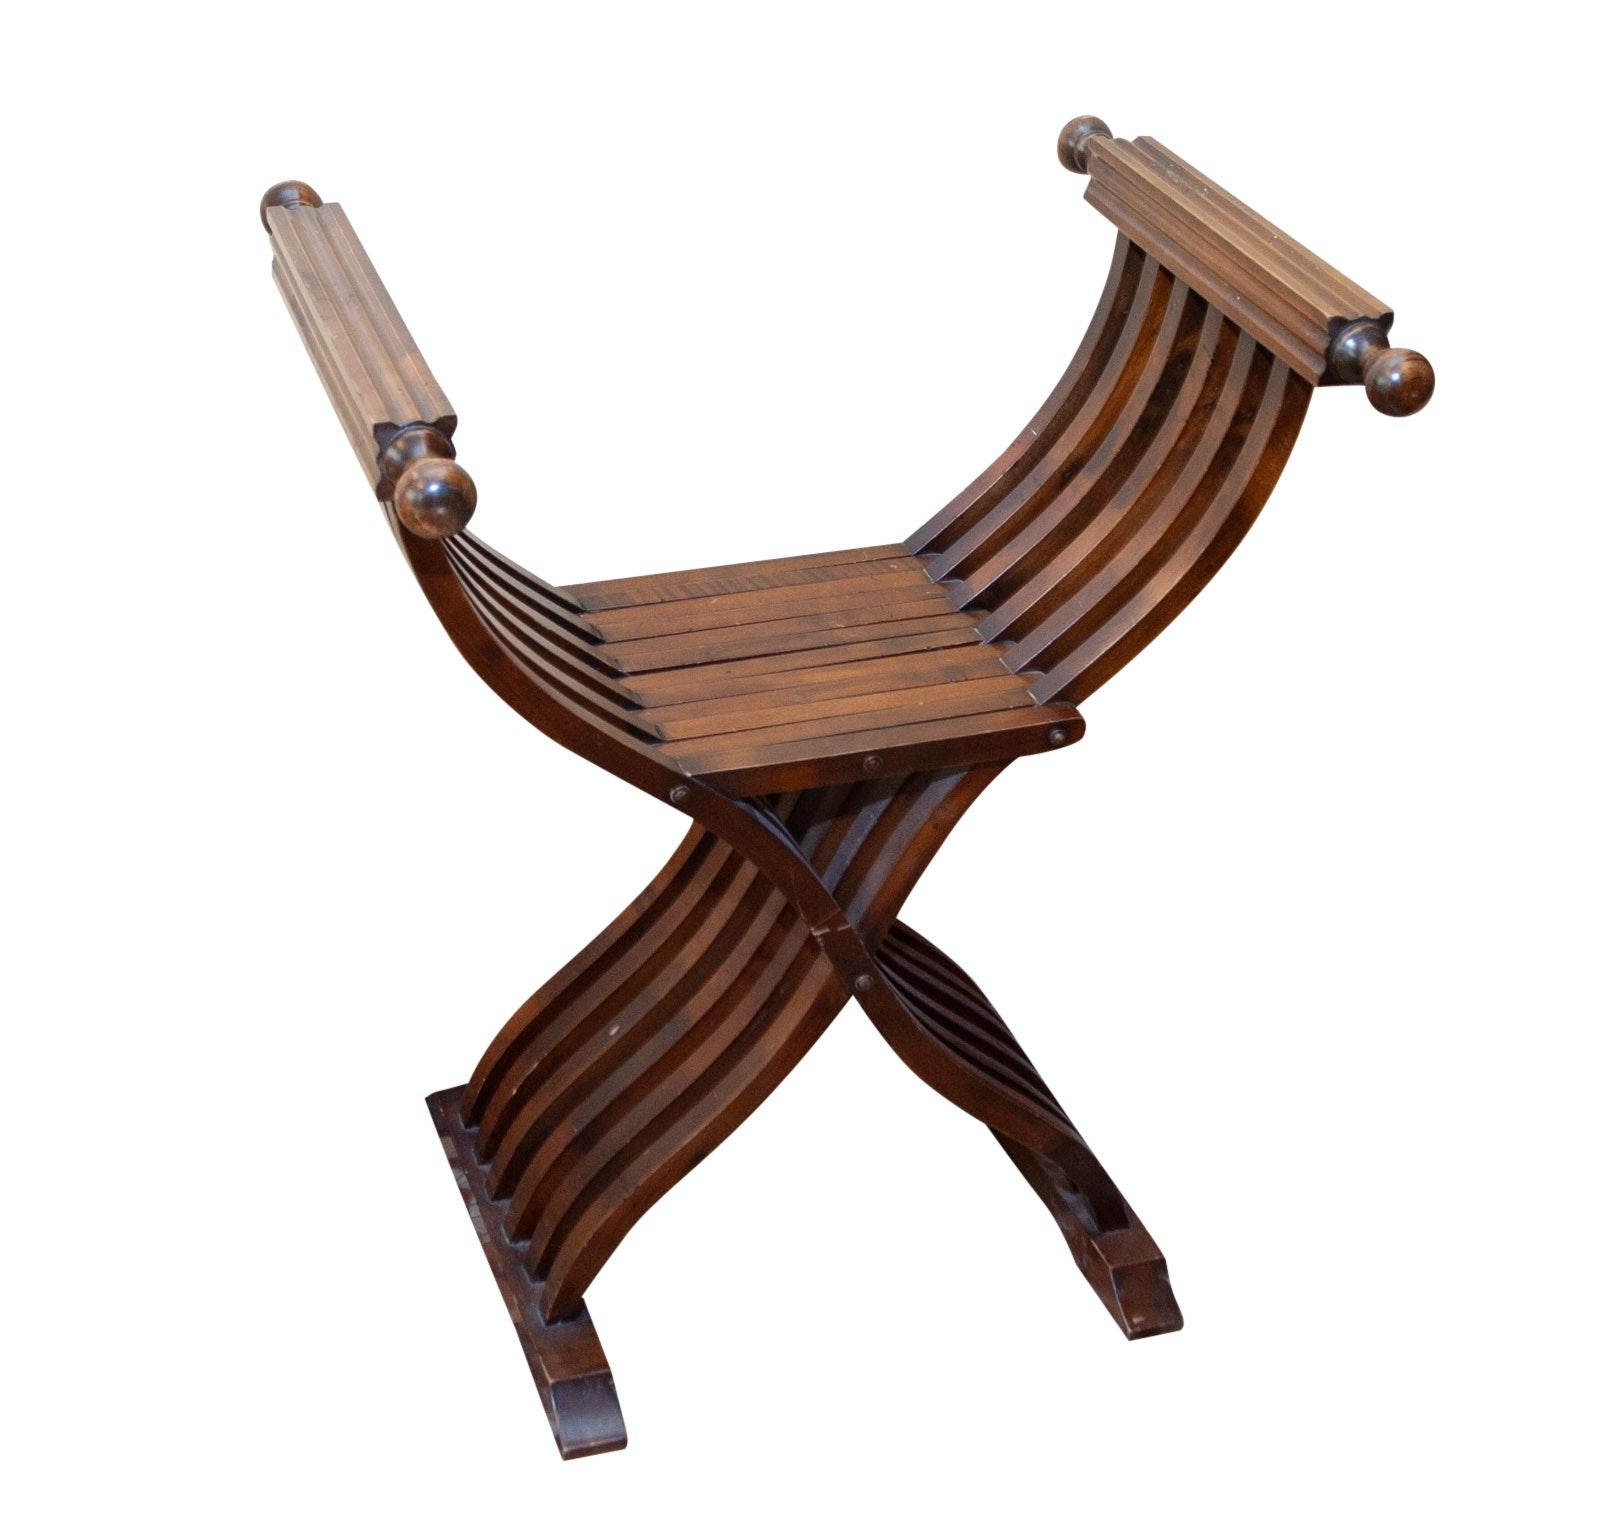 Italian Renaissance Savonarola Style Wood Chair